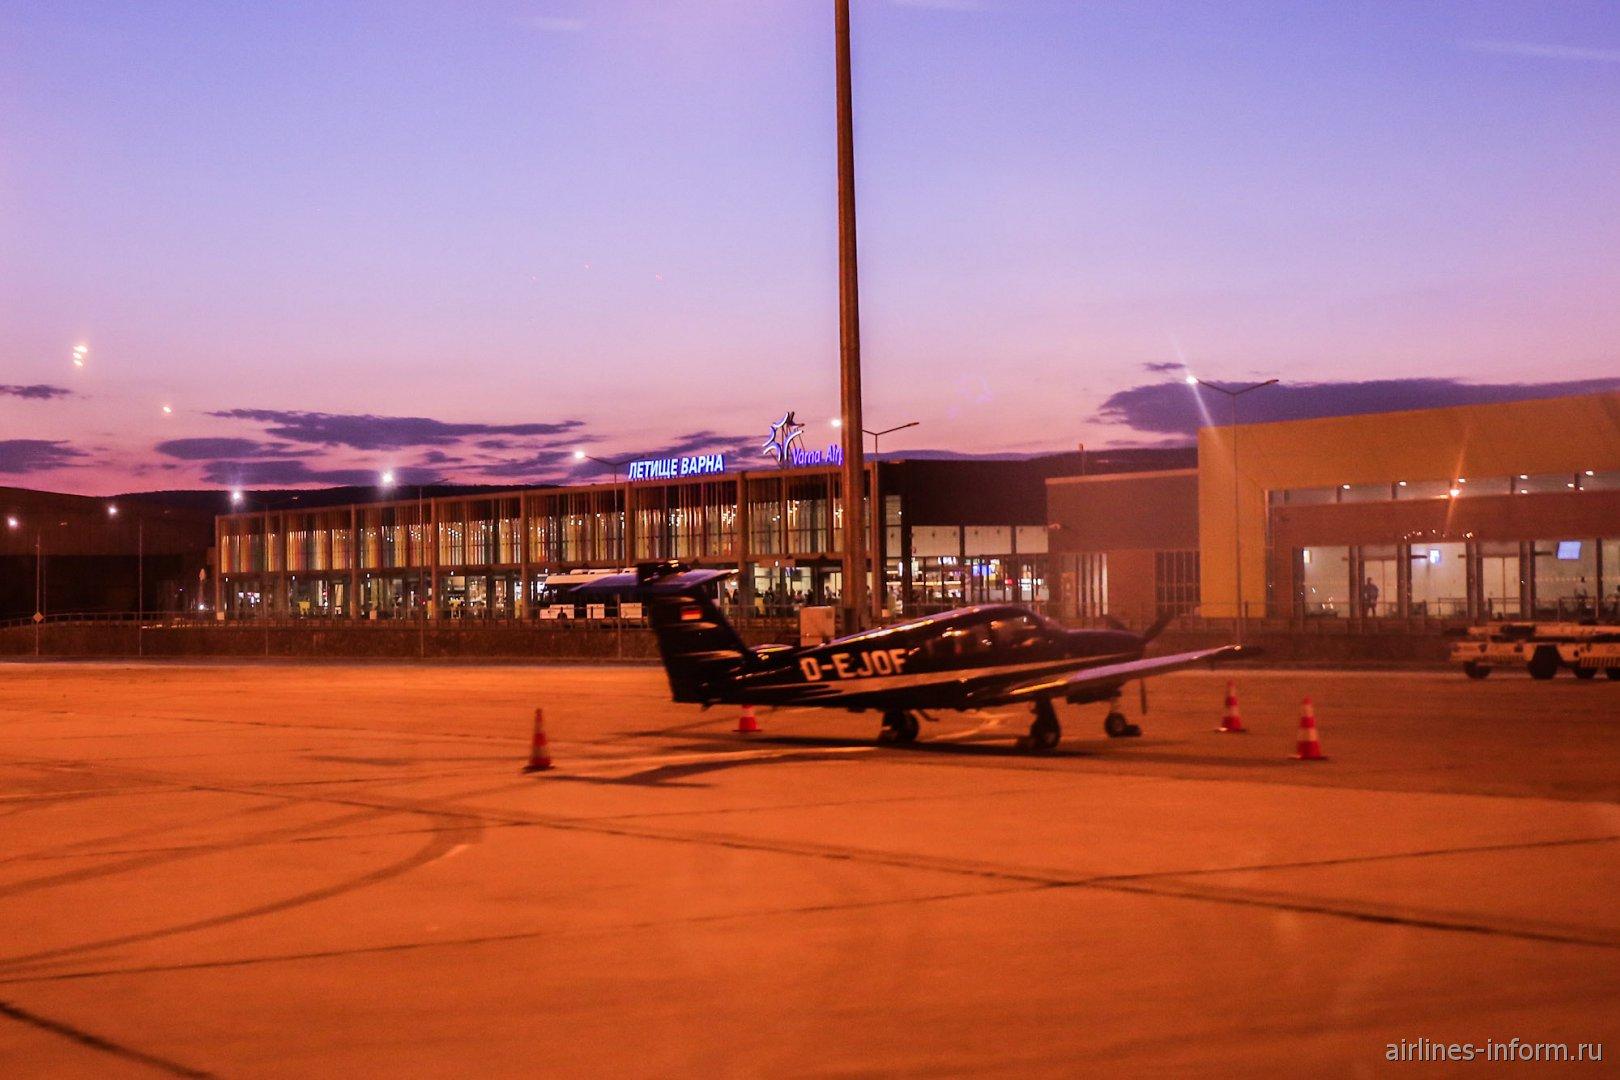 Пассажирский терминал аэропорта Варна со стороны перрона